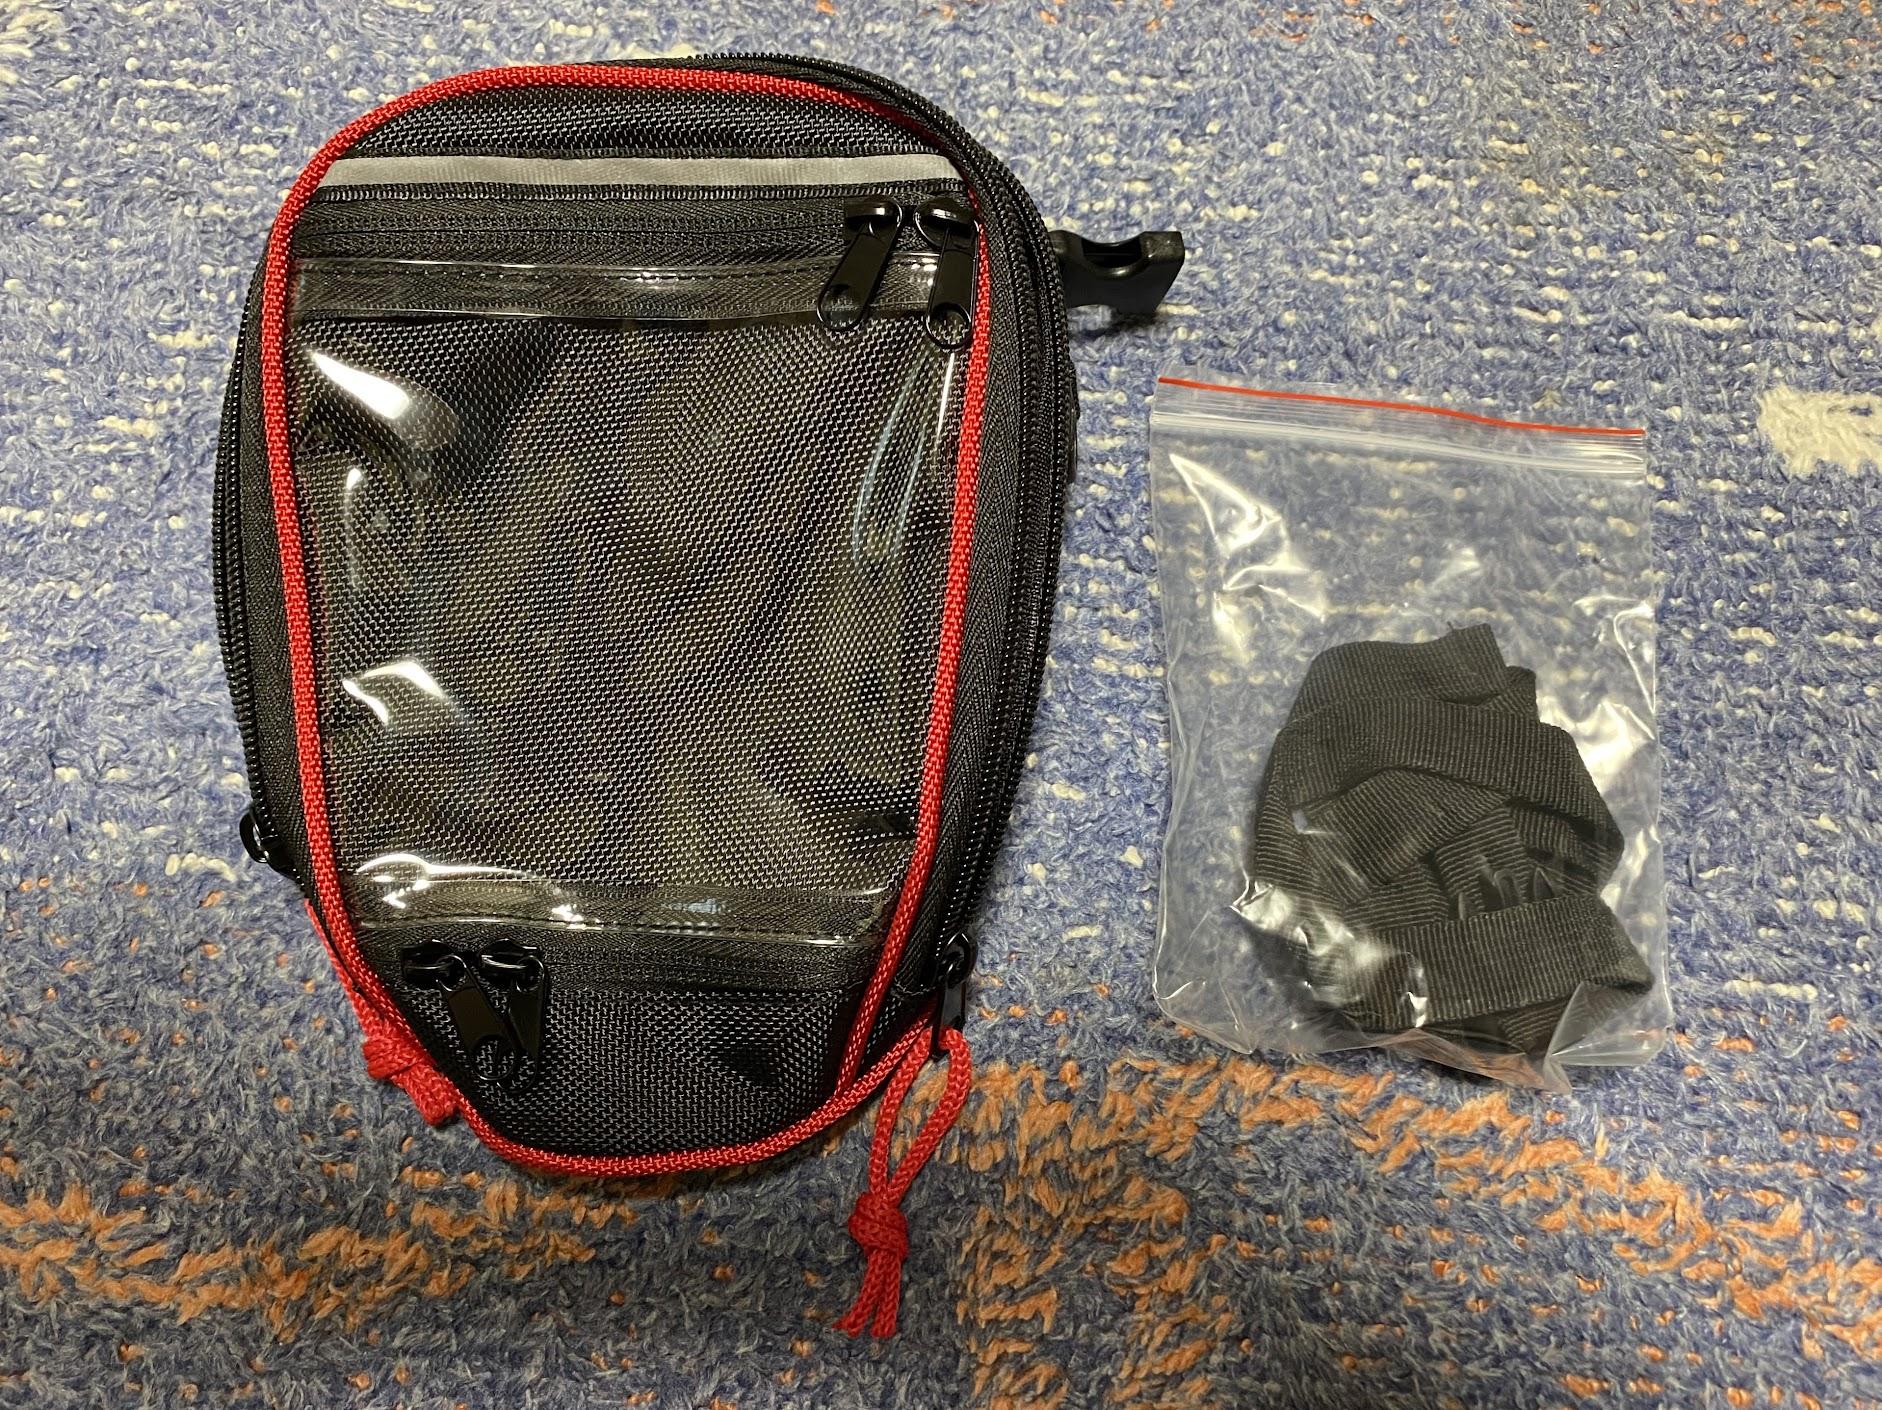 デグナータンクバッグと付属品